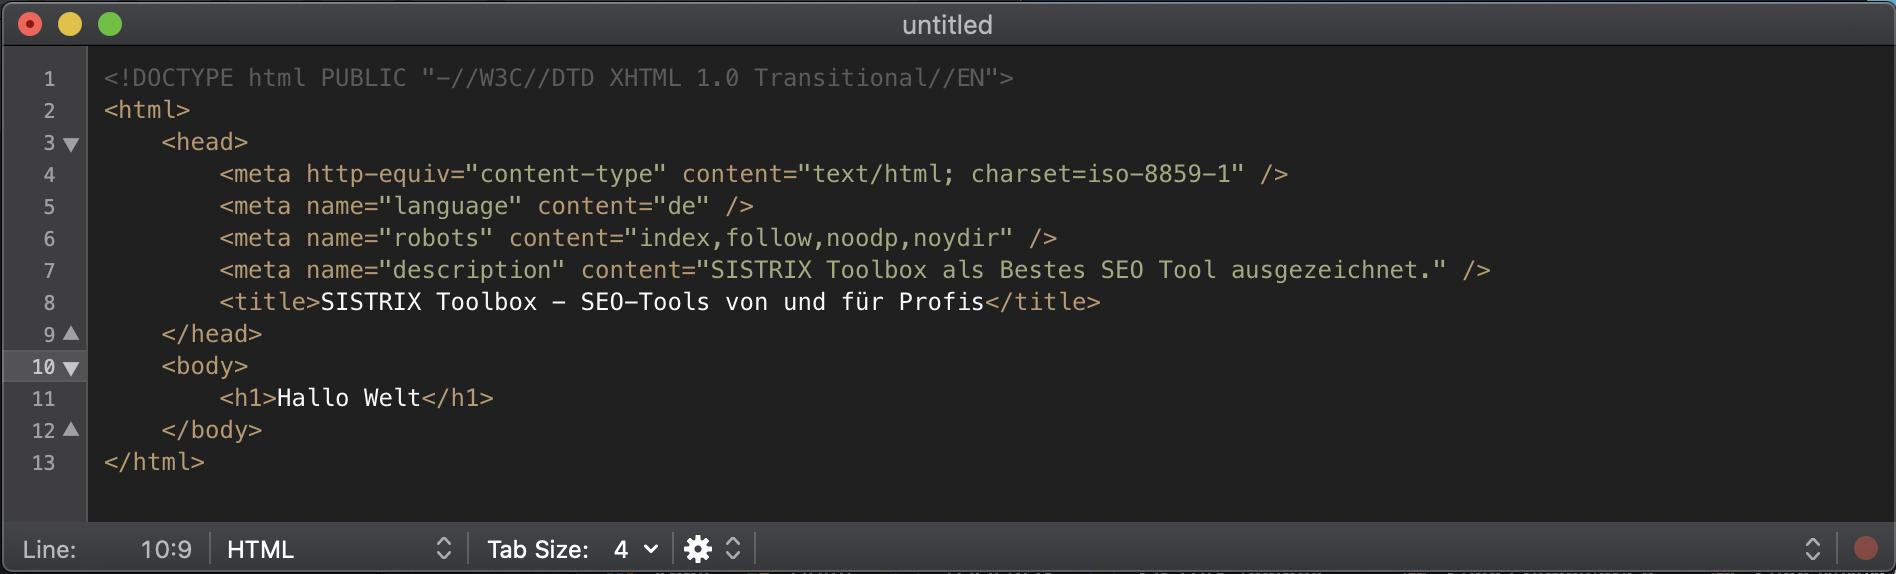 Quellcode: HTML-Markup in einem Editor mit mehreren Meta-Elementen.